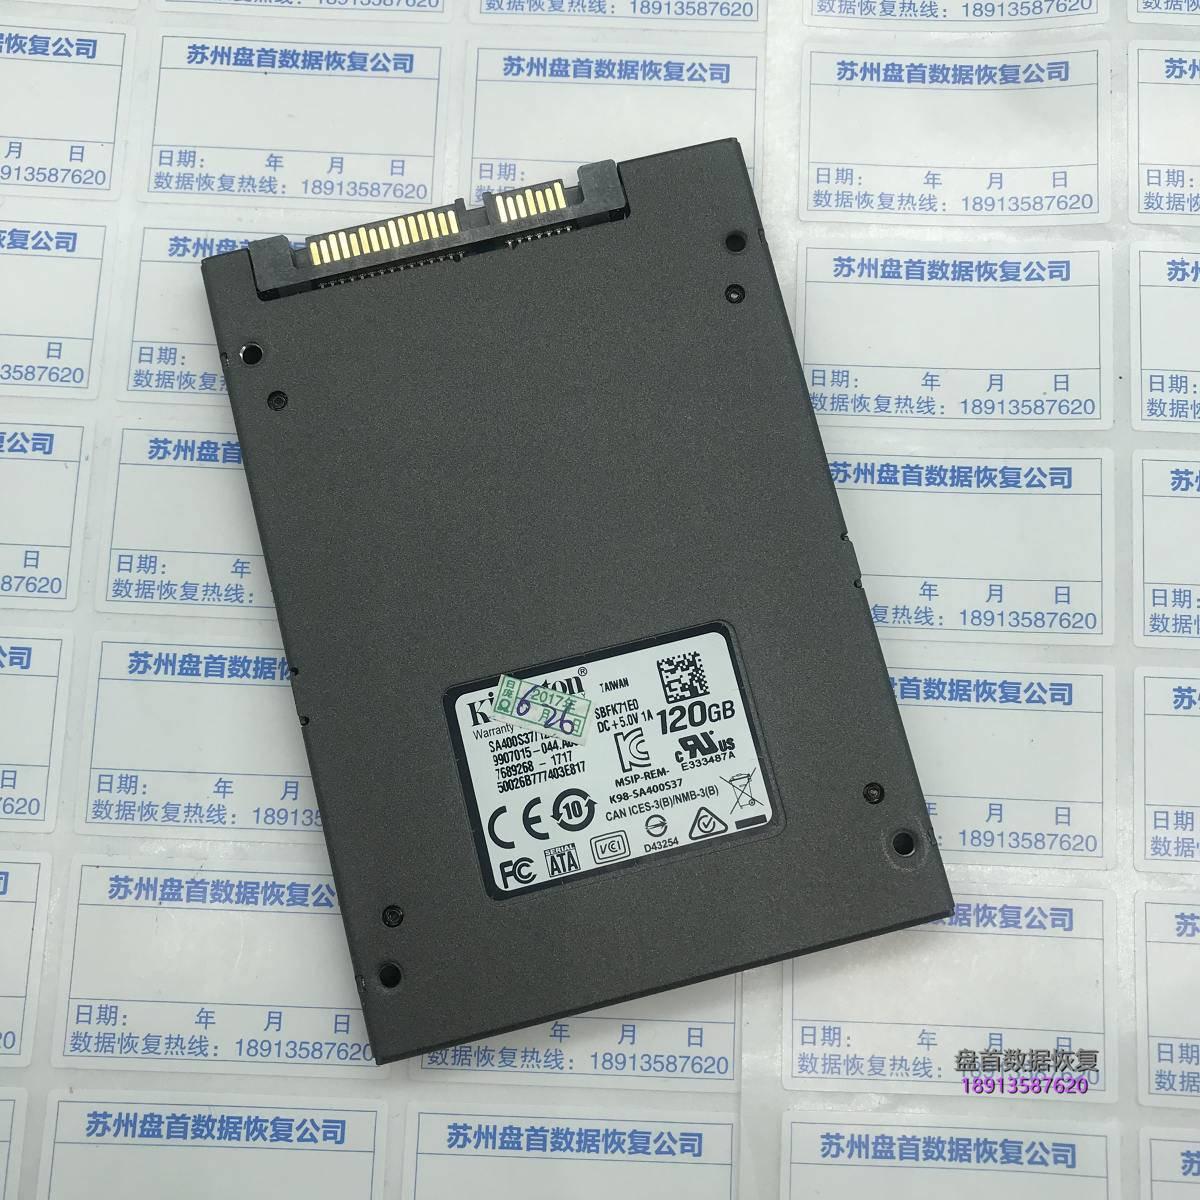 金士顿SA400S37/120G掉盘型号变成SATAFIRM S11 SSD数据恢复